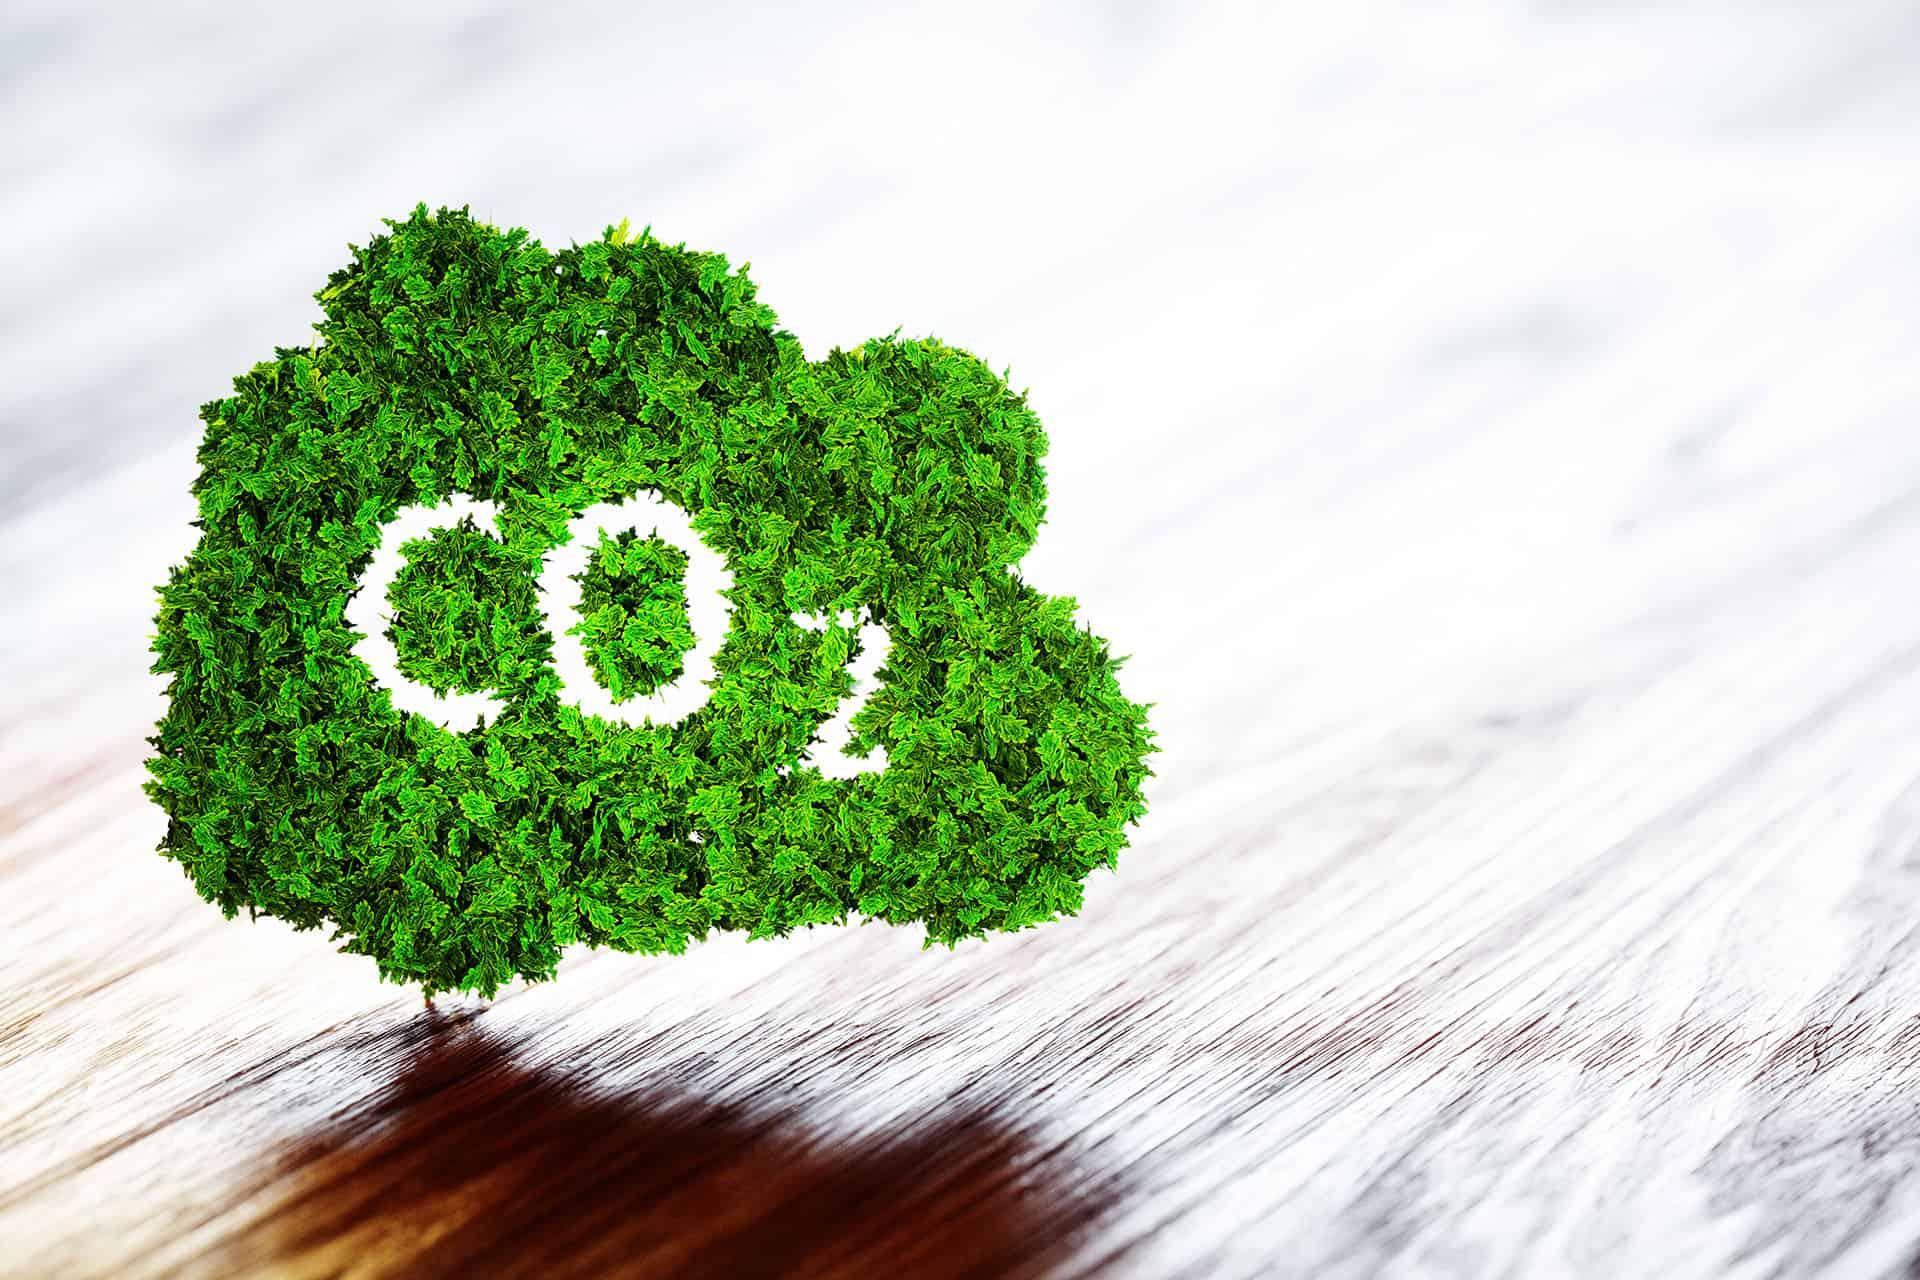 Blockheizkraftwerke und CO2-Einsparung - wie genau funktioniert das?